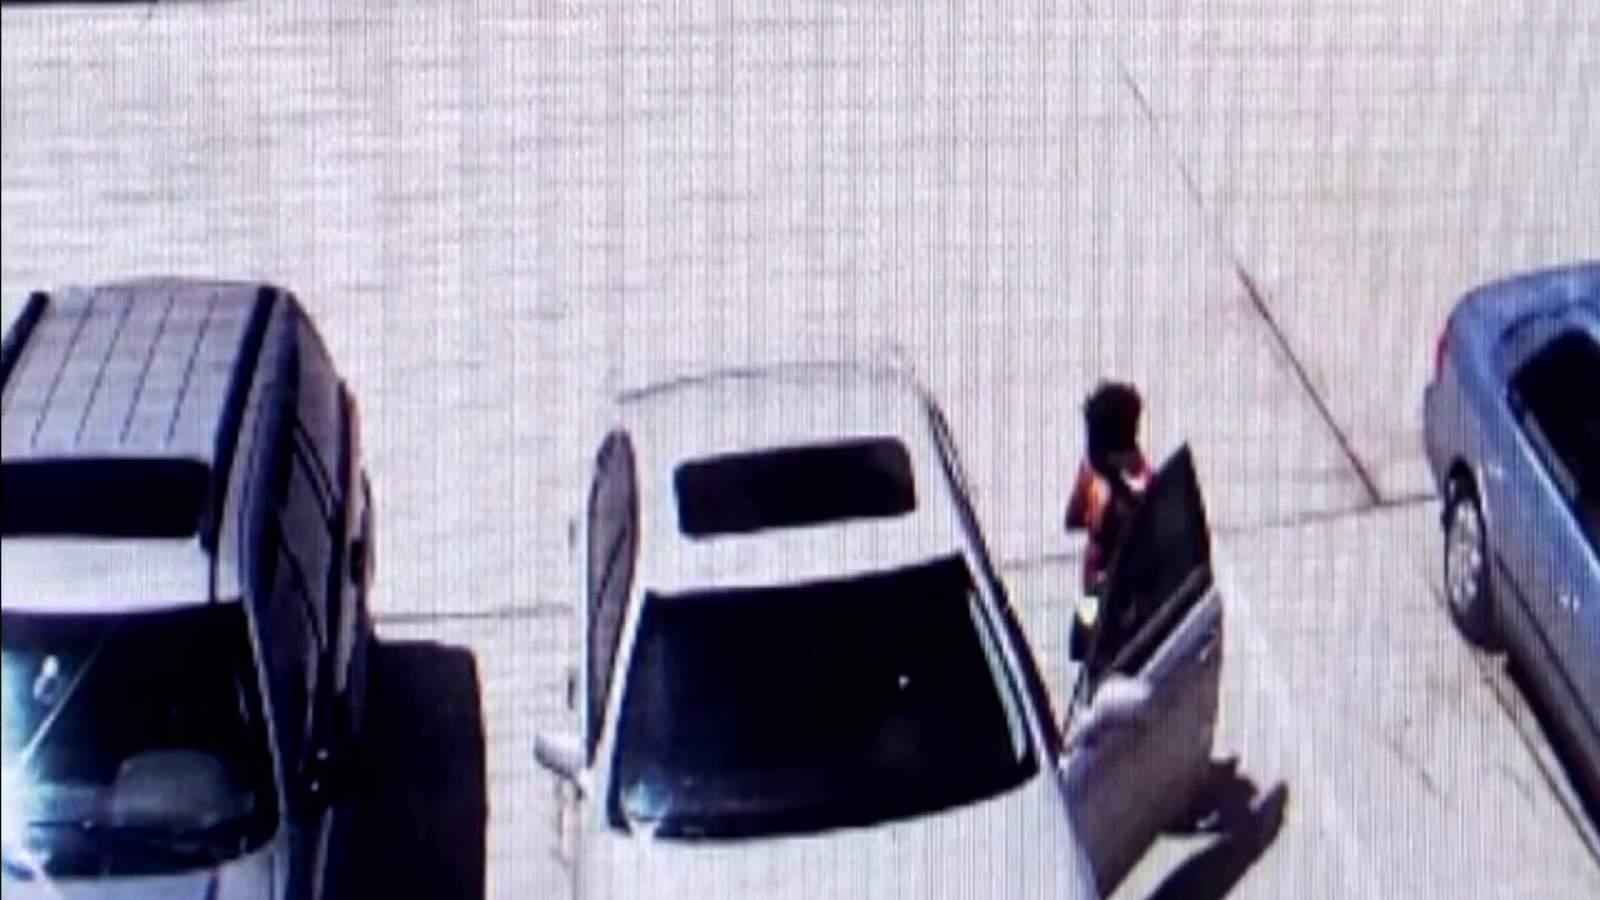 FBI releases new video of Leila Cavett before she vanished